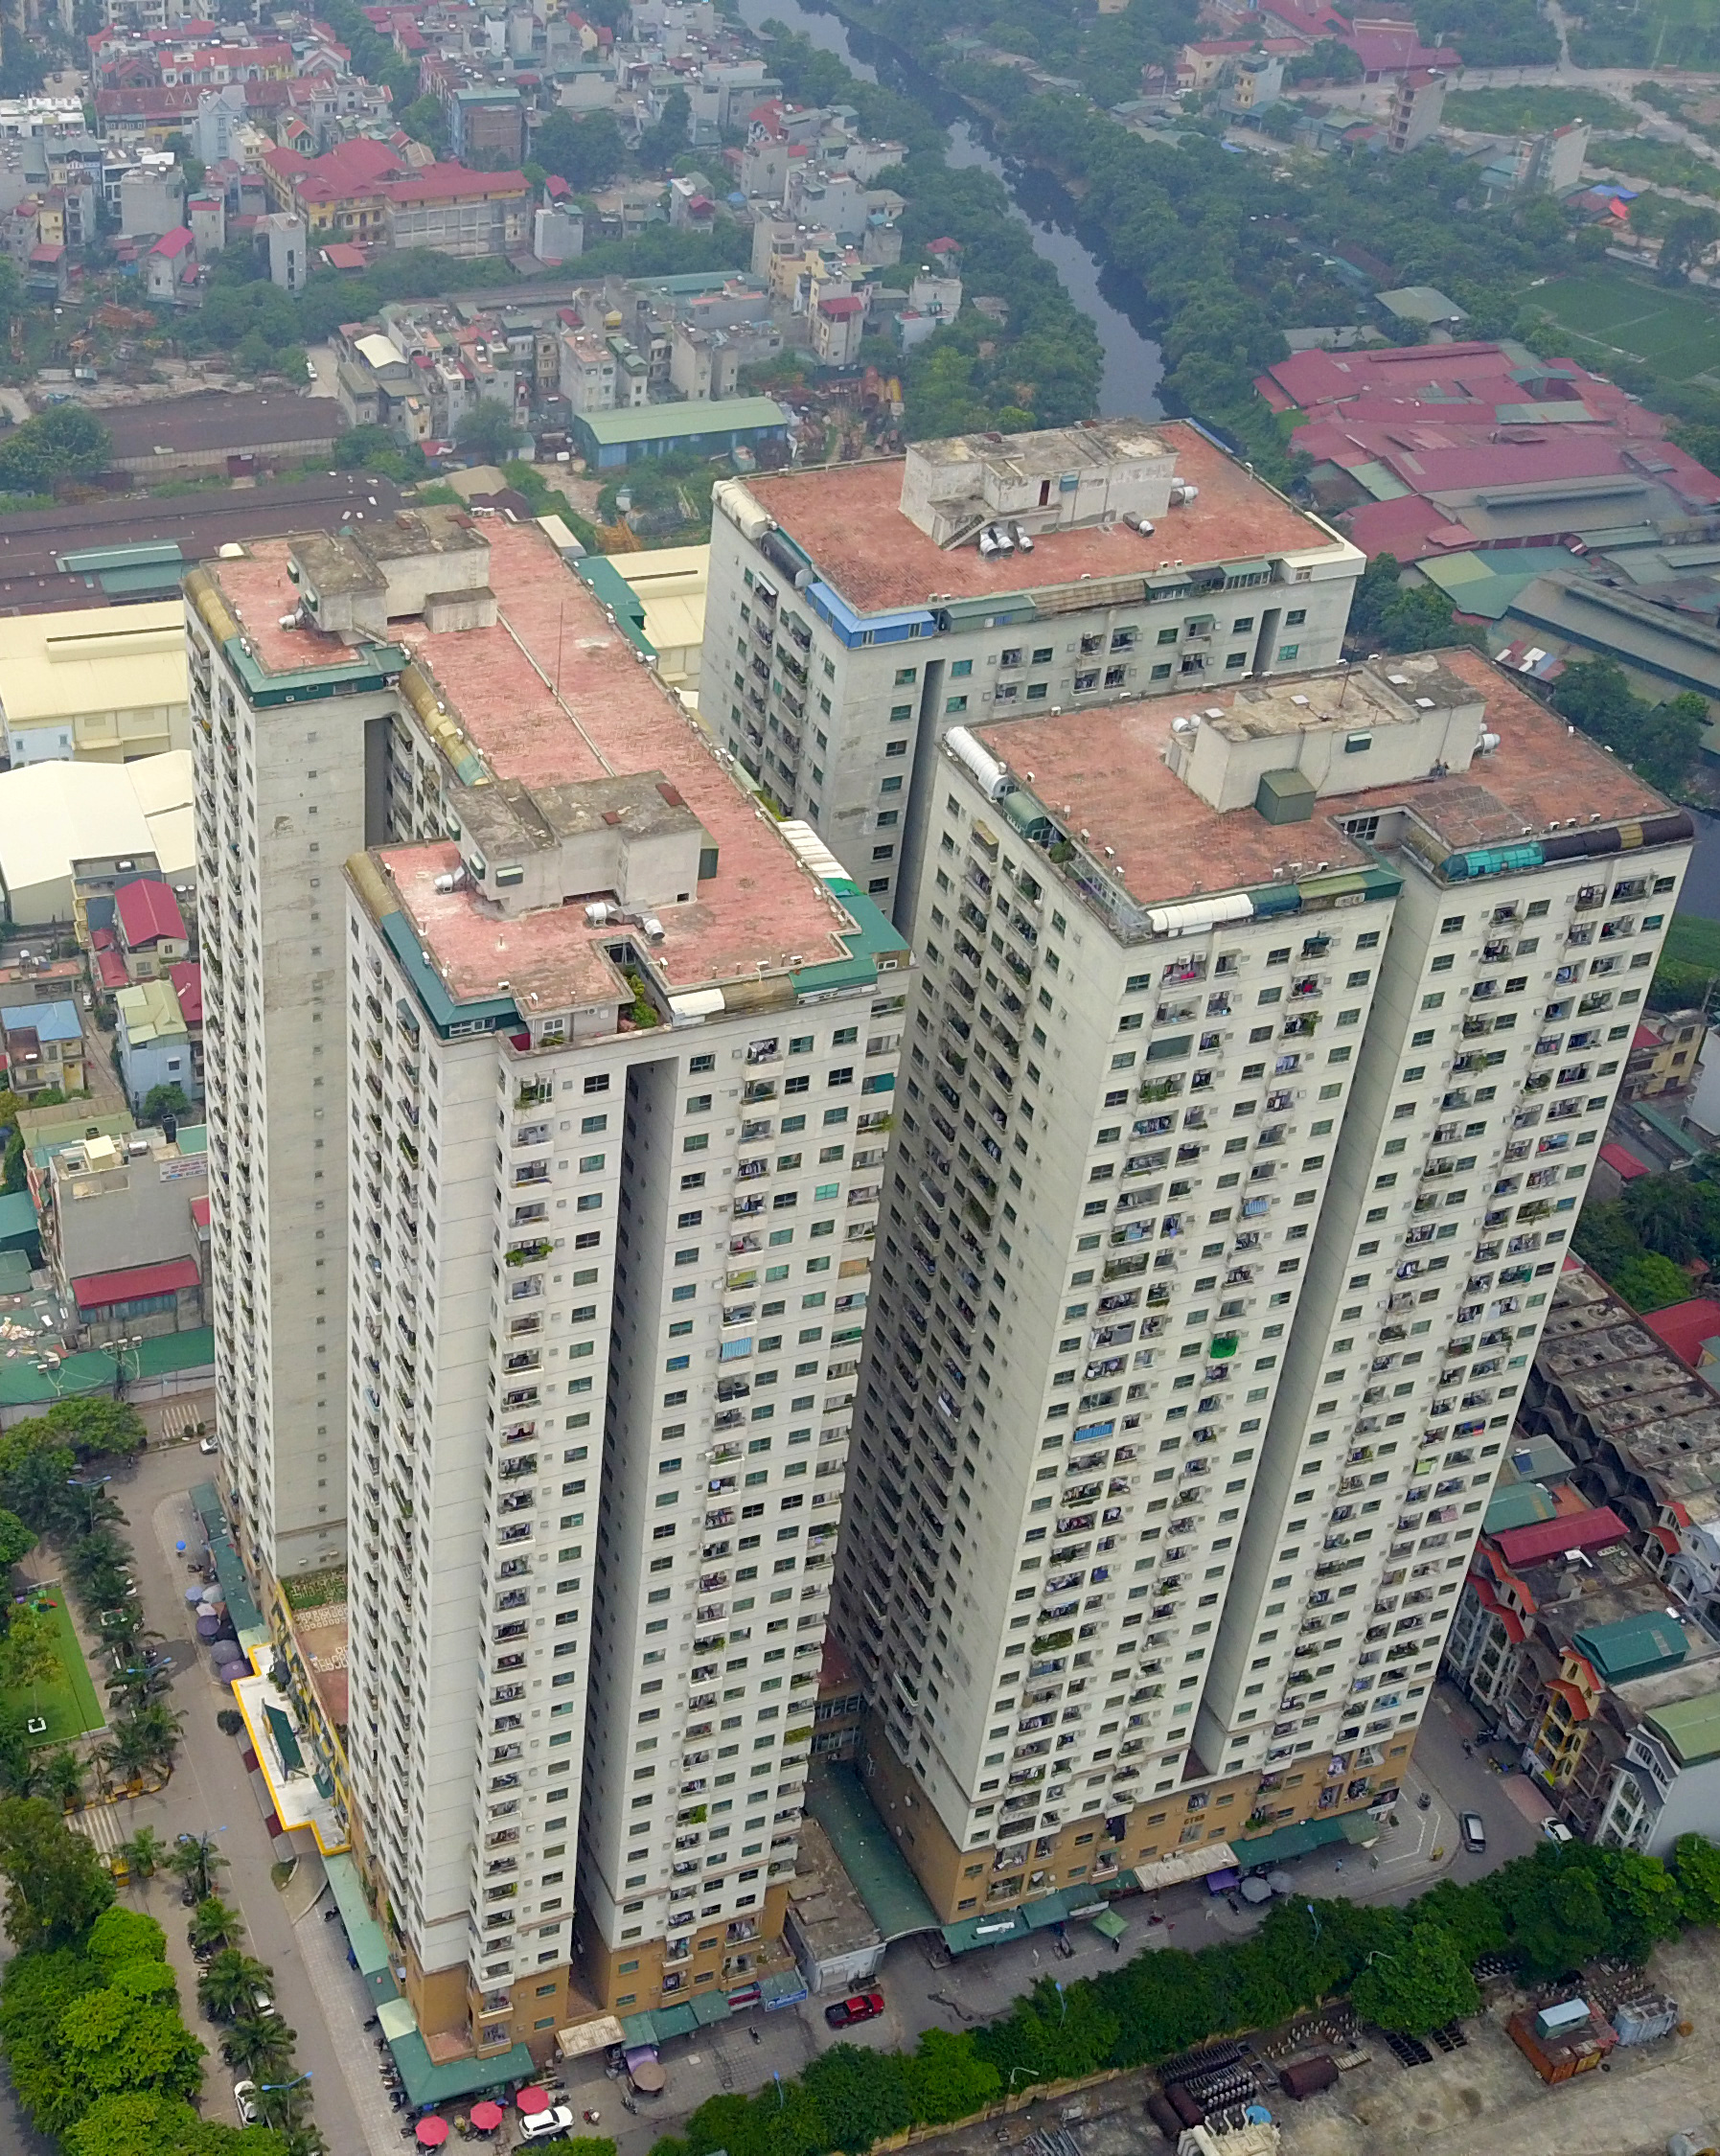 Gần 200 hộ dân 'chung cư ông Thản' làm đơn kiện Sở TN-MT Hà Nội ra toà - Ảnh 1.